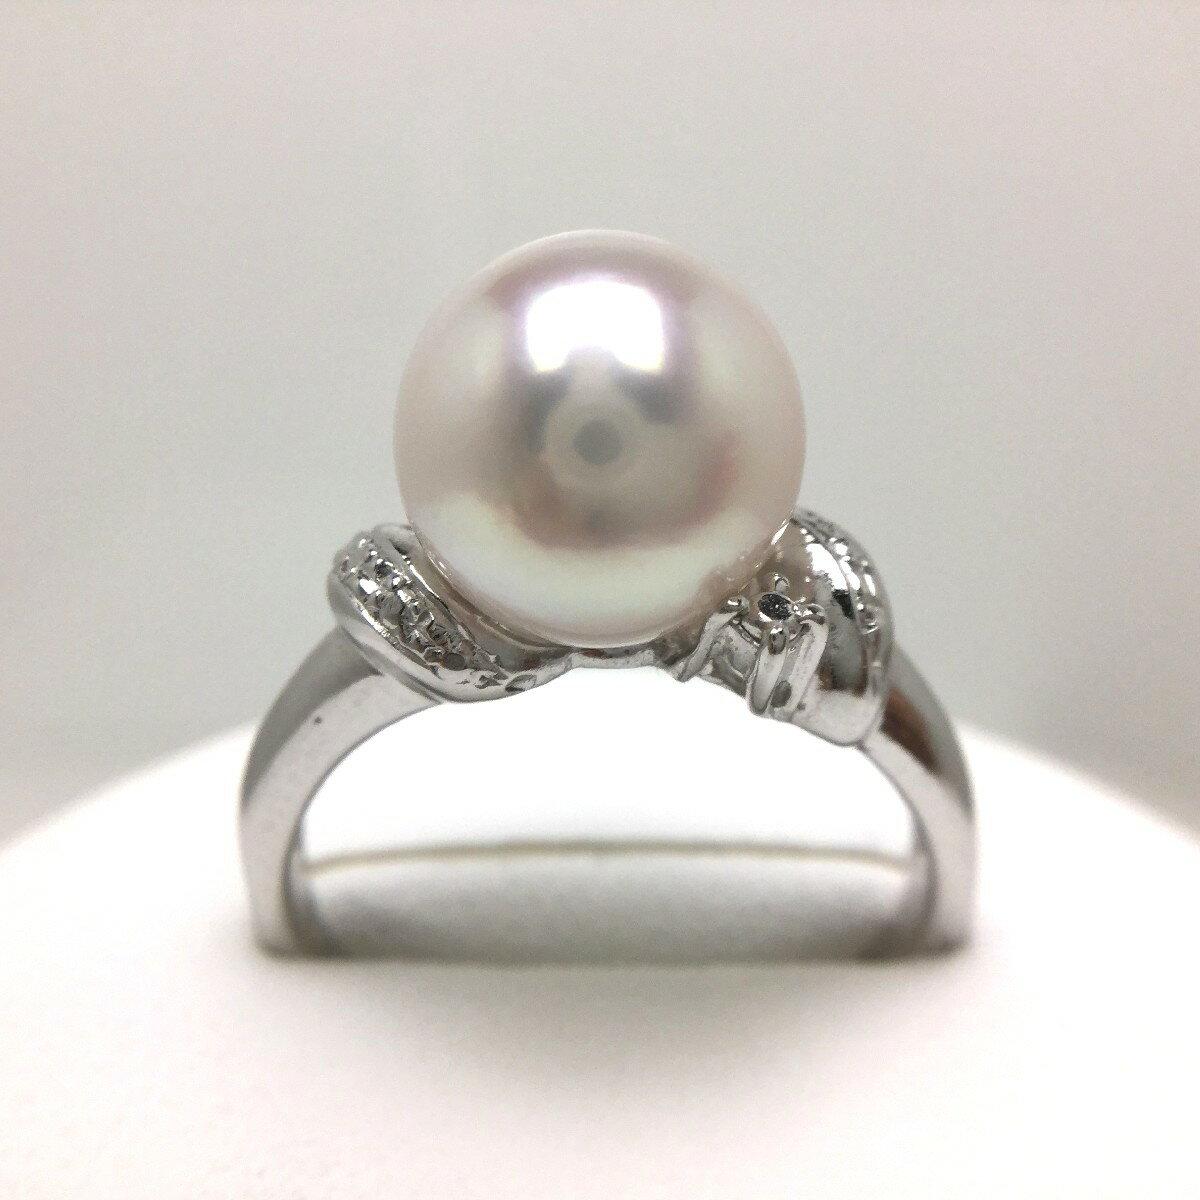 真珠 リング パール 母の日 アコヤ真珠 9.0-9.5mm ホワイトピンク シルバー 64815 イソワパール